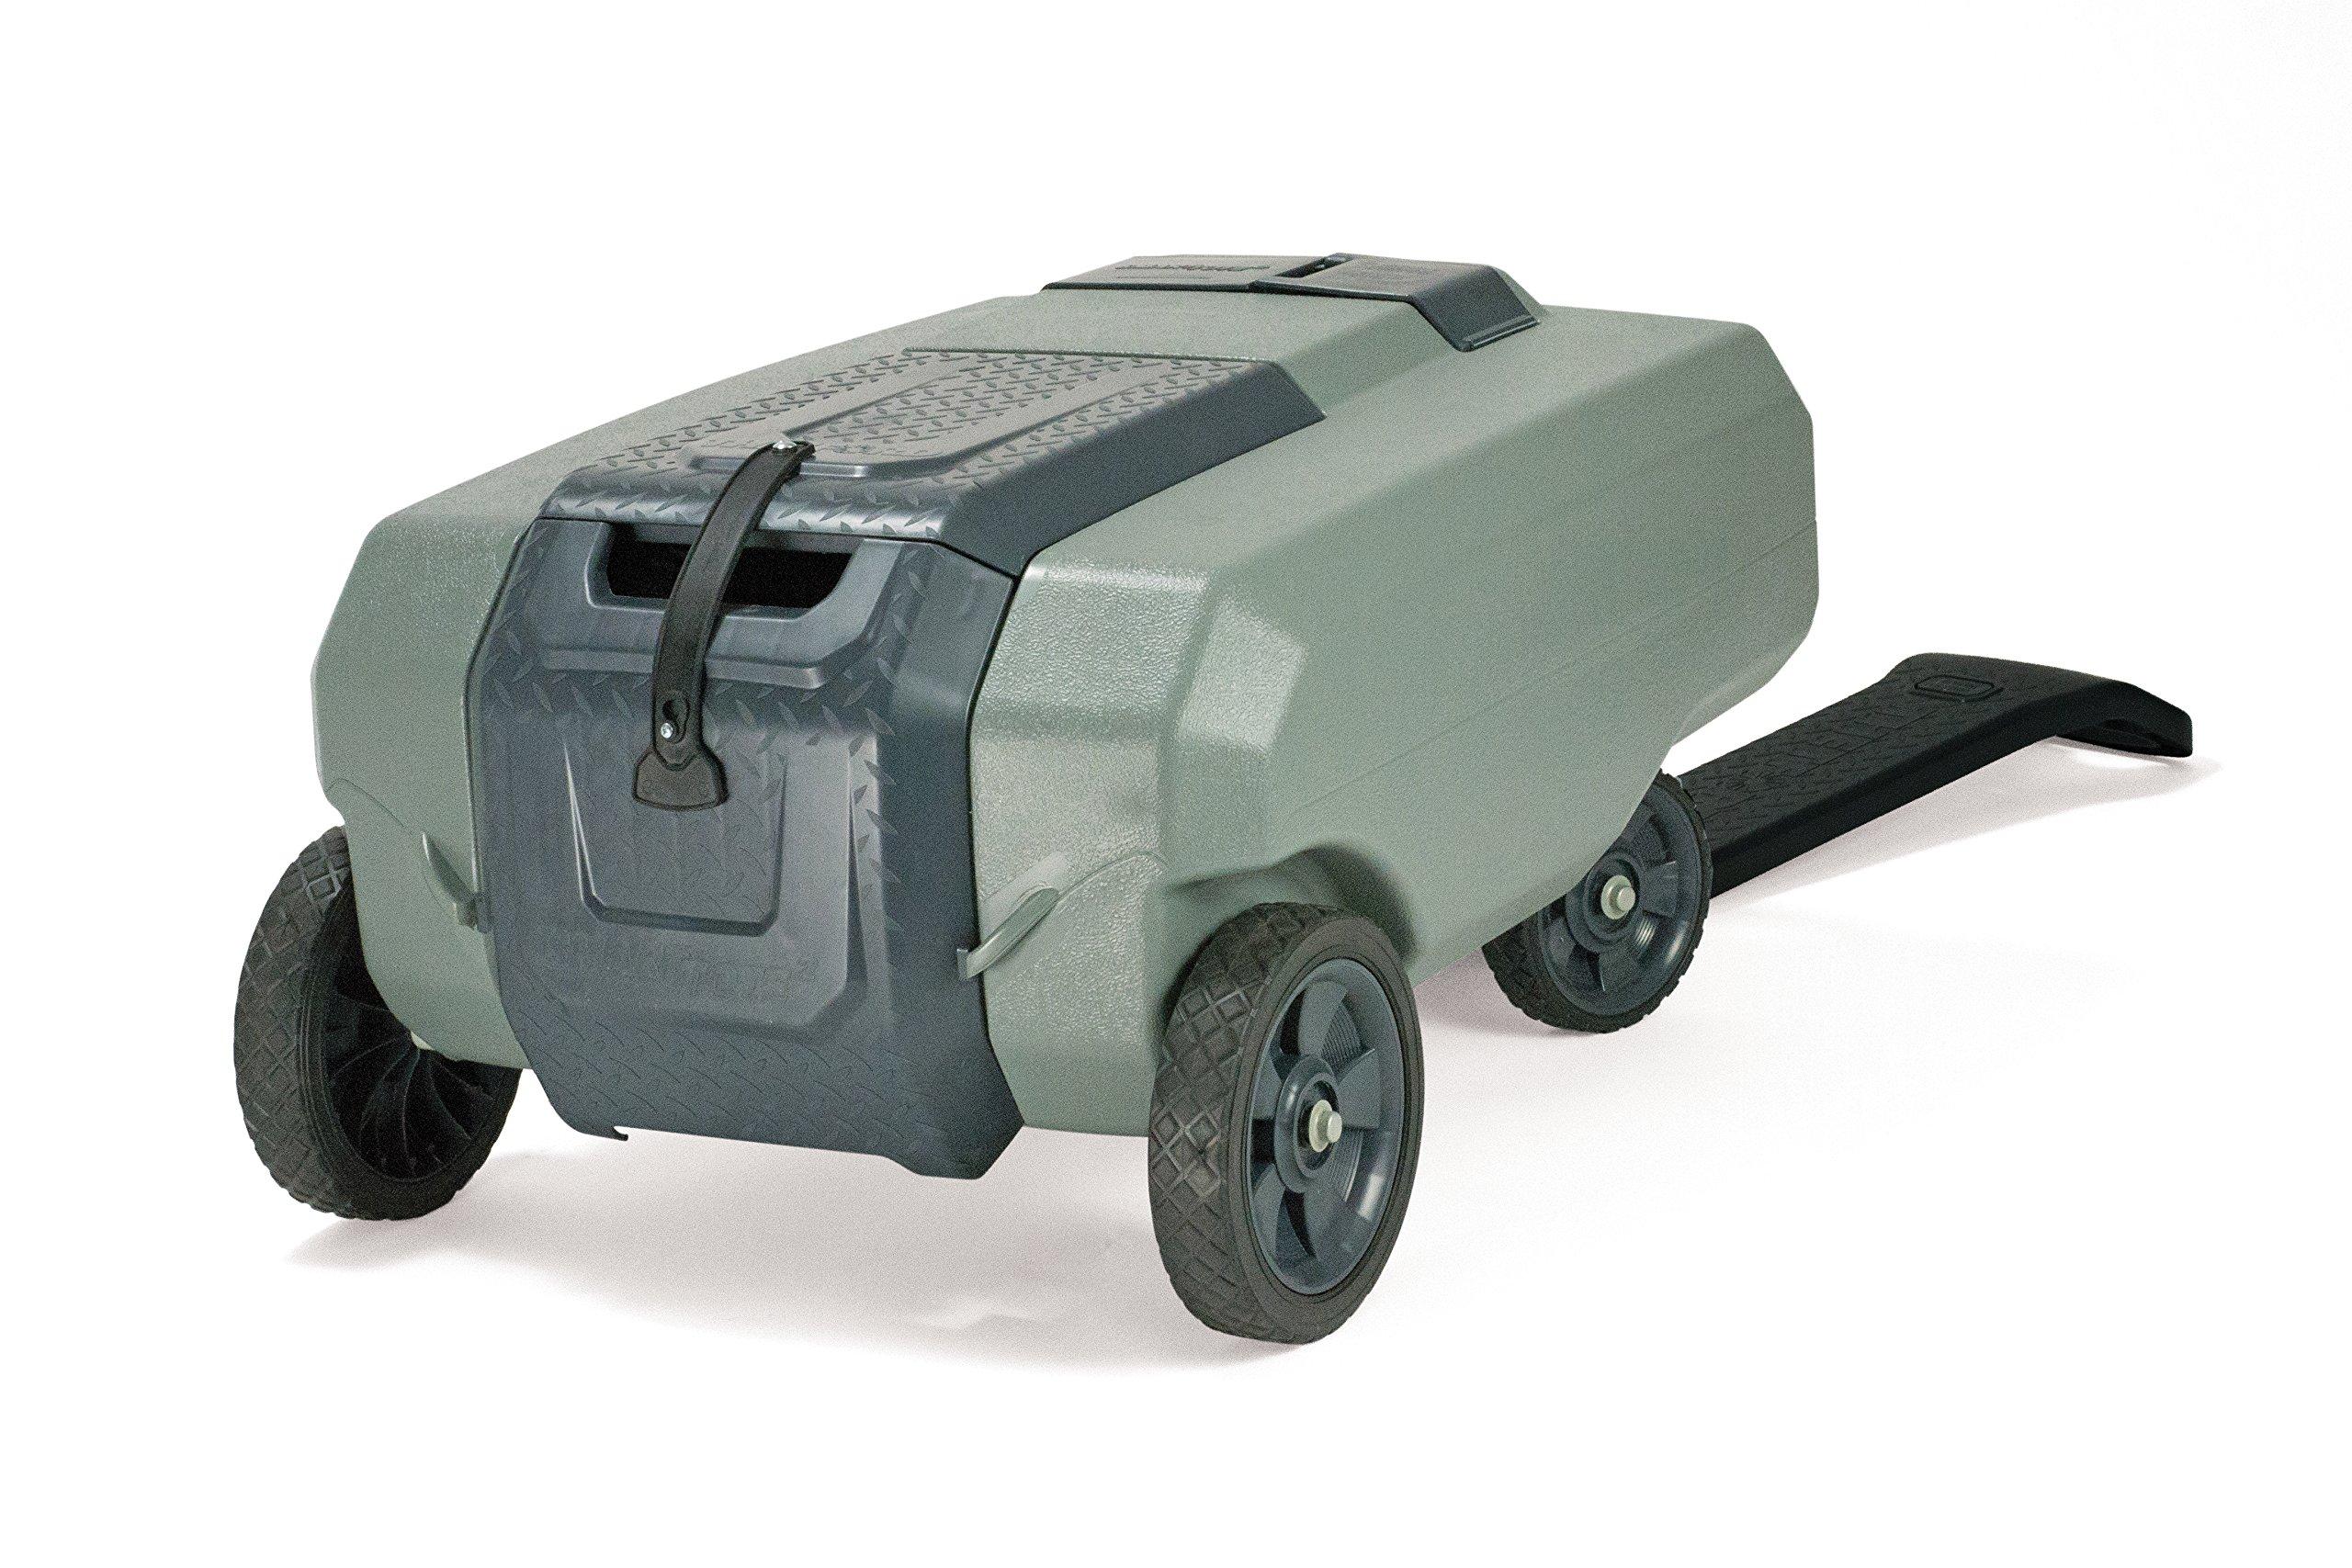 SmartTote2 RV Portable Waste Tote Tank - 4 Wheels - 35 Gallon - Thetford 40519 by SmartTote2 (Image #8)